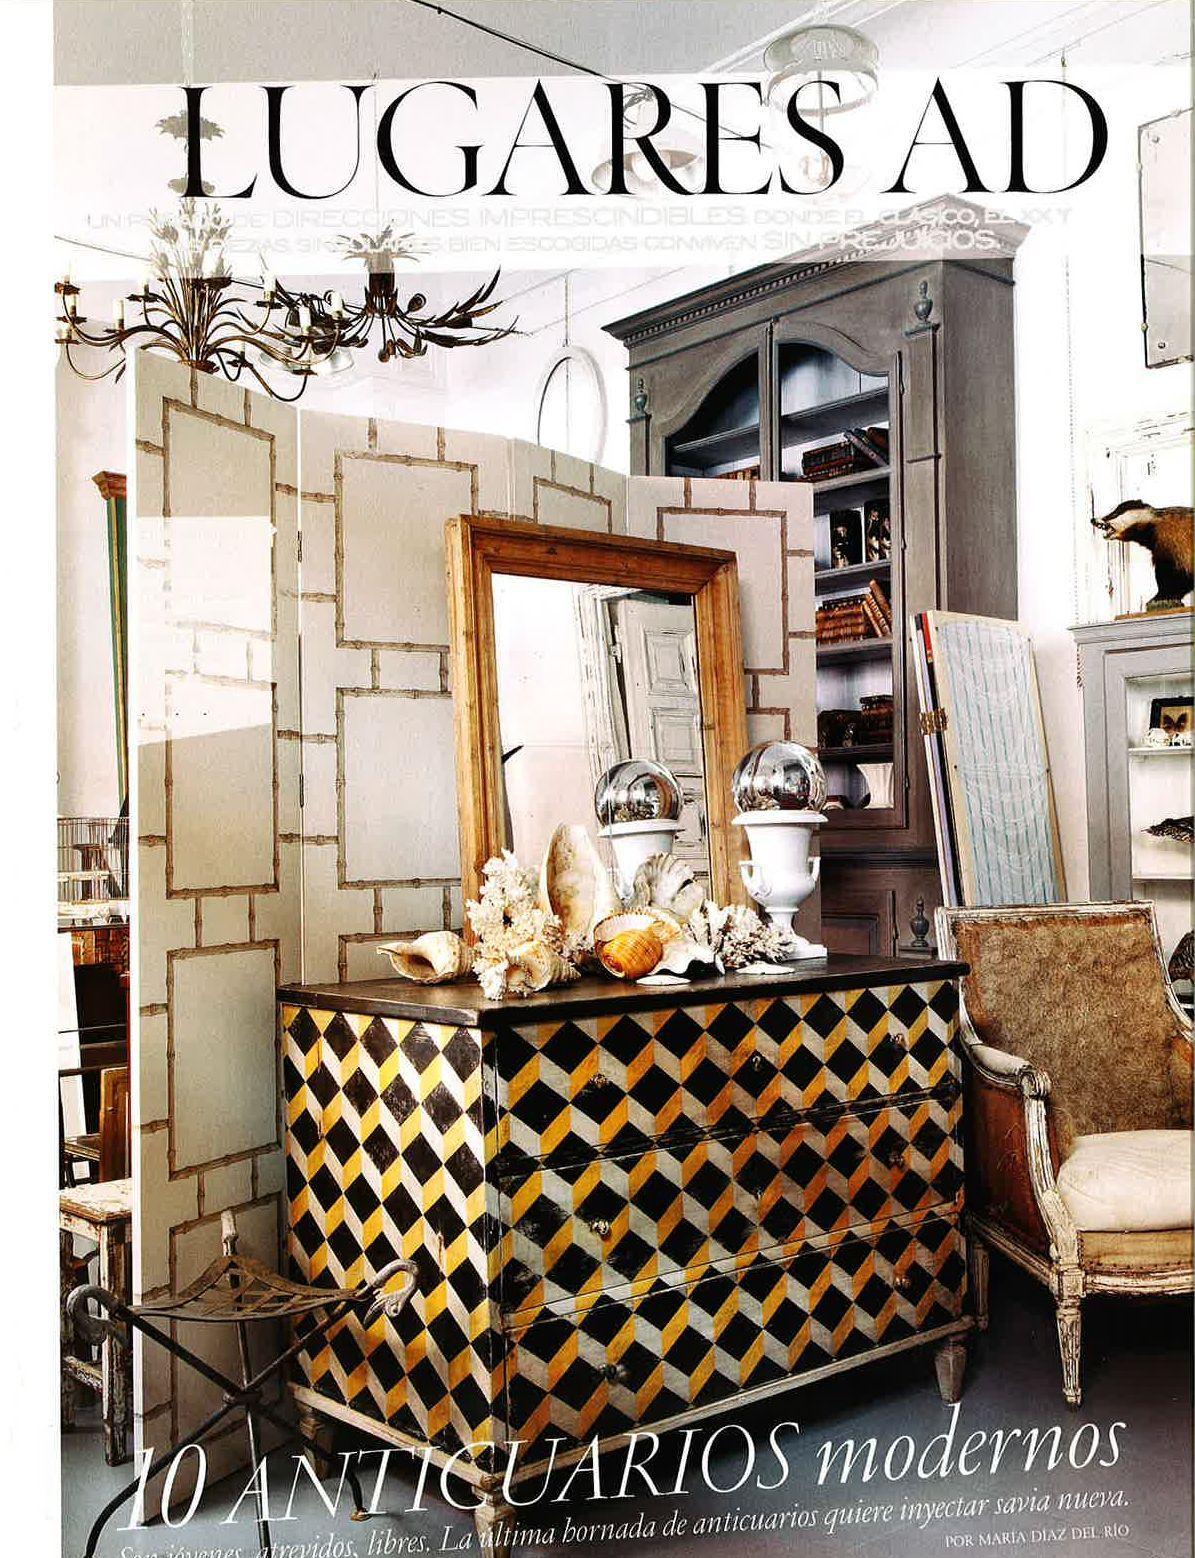 V A Ad Foto De Una Tienda Sevillana Detalles Pinterest  # Muebles Sevillanos